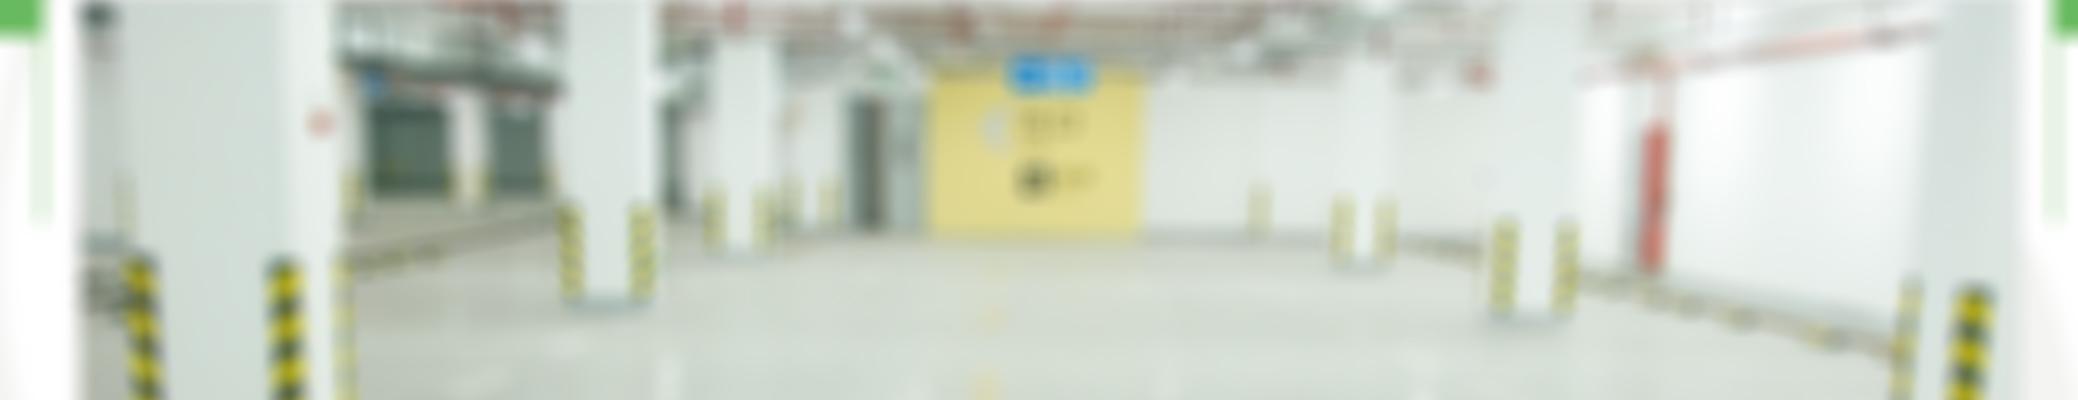 上海环氧地坪漆,水性地坪漆,苏州地坪施工-地坪漆_环氧地坪_耐磨地坪_防静电地坪_地坪材料_水性聚氨酯地坪漆_树脂砂浆地坪漆_水性地坪